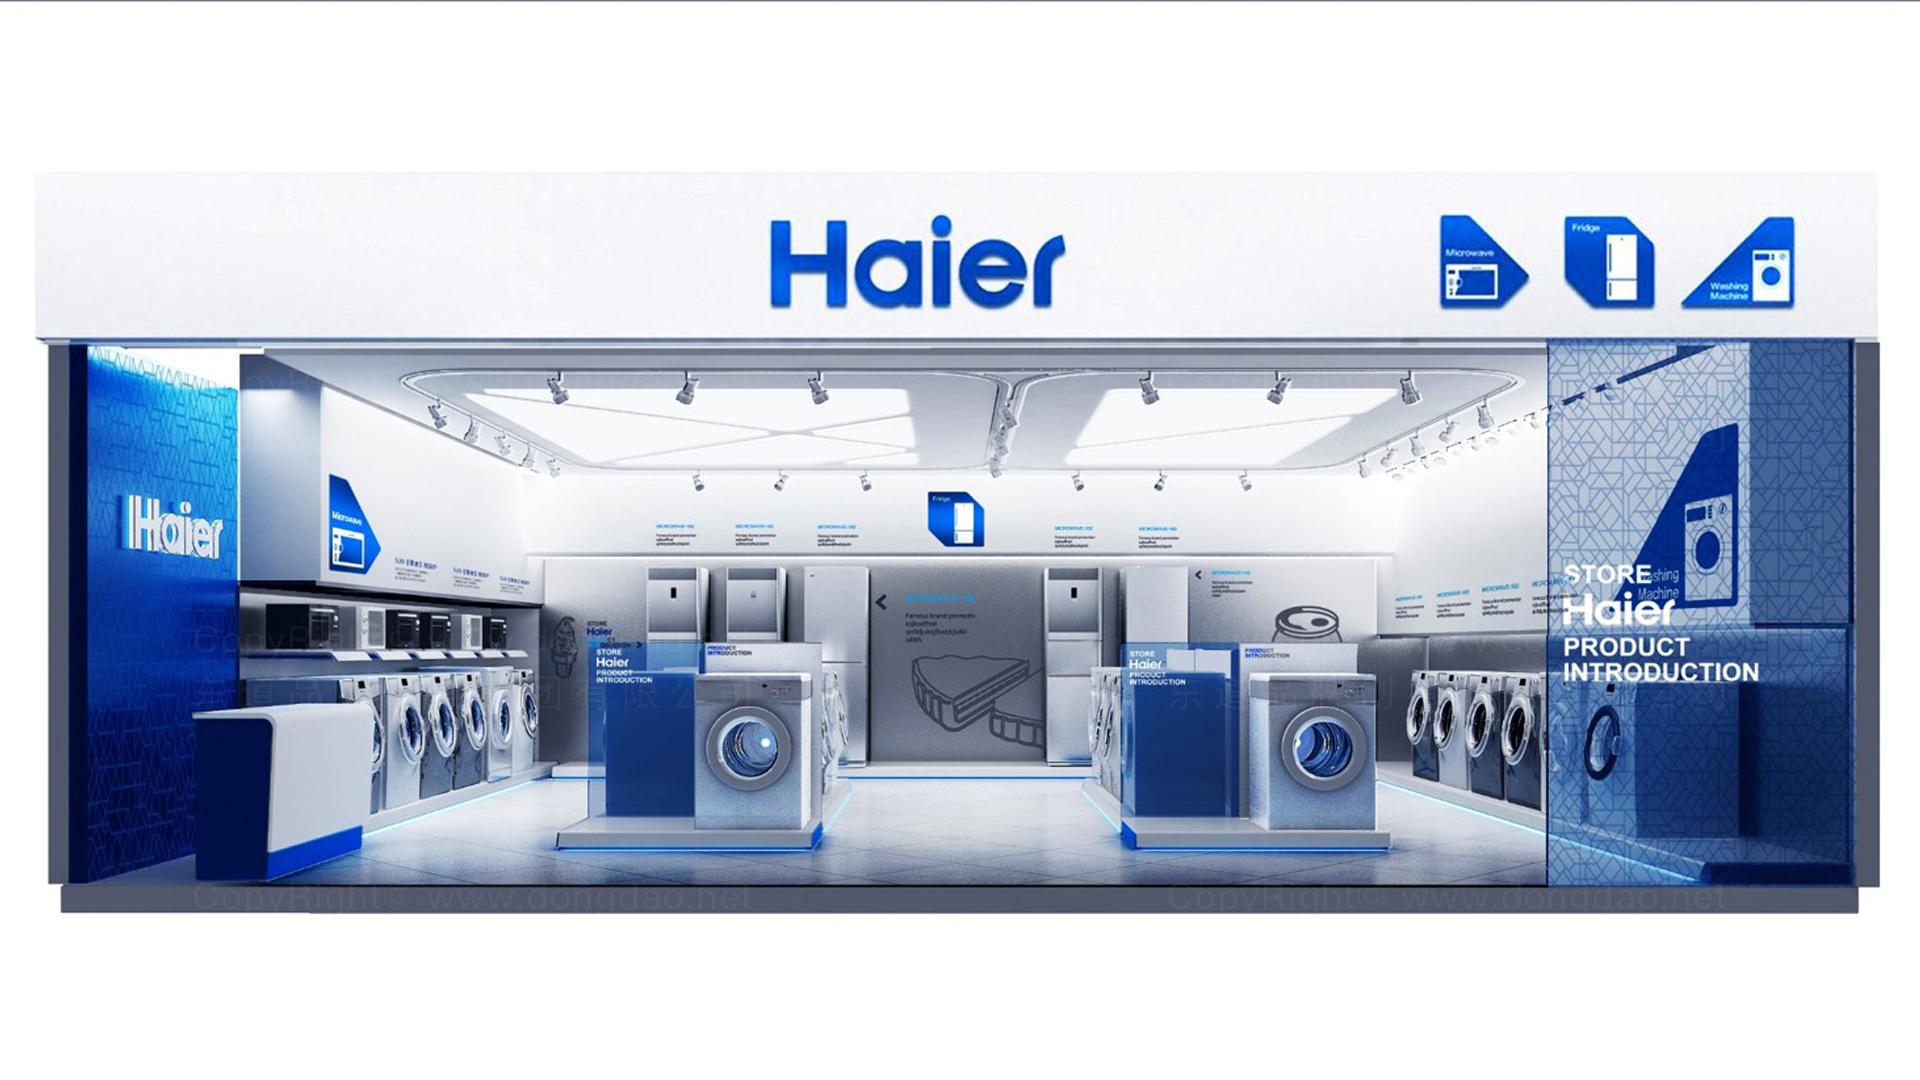 海尔海尔专卖店设计